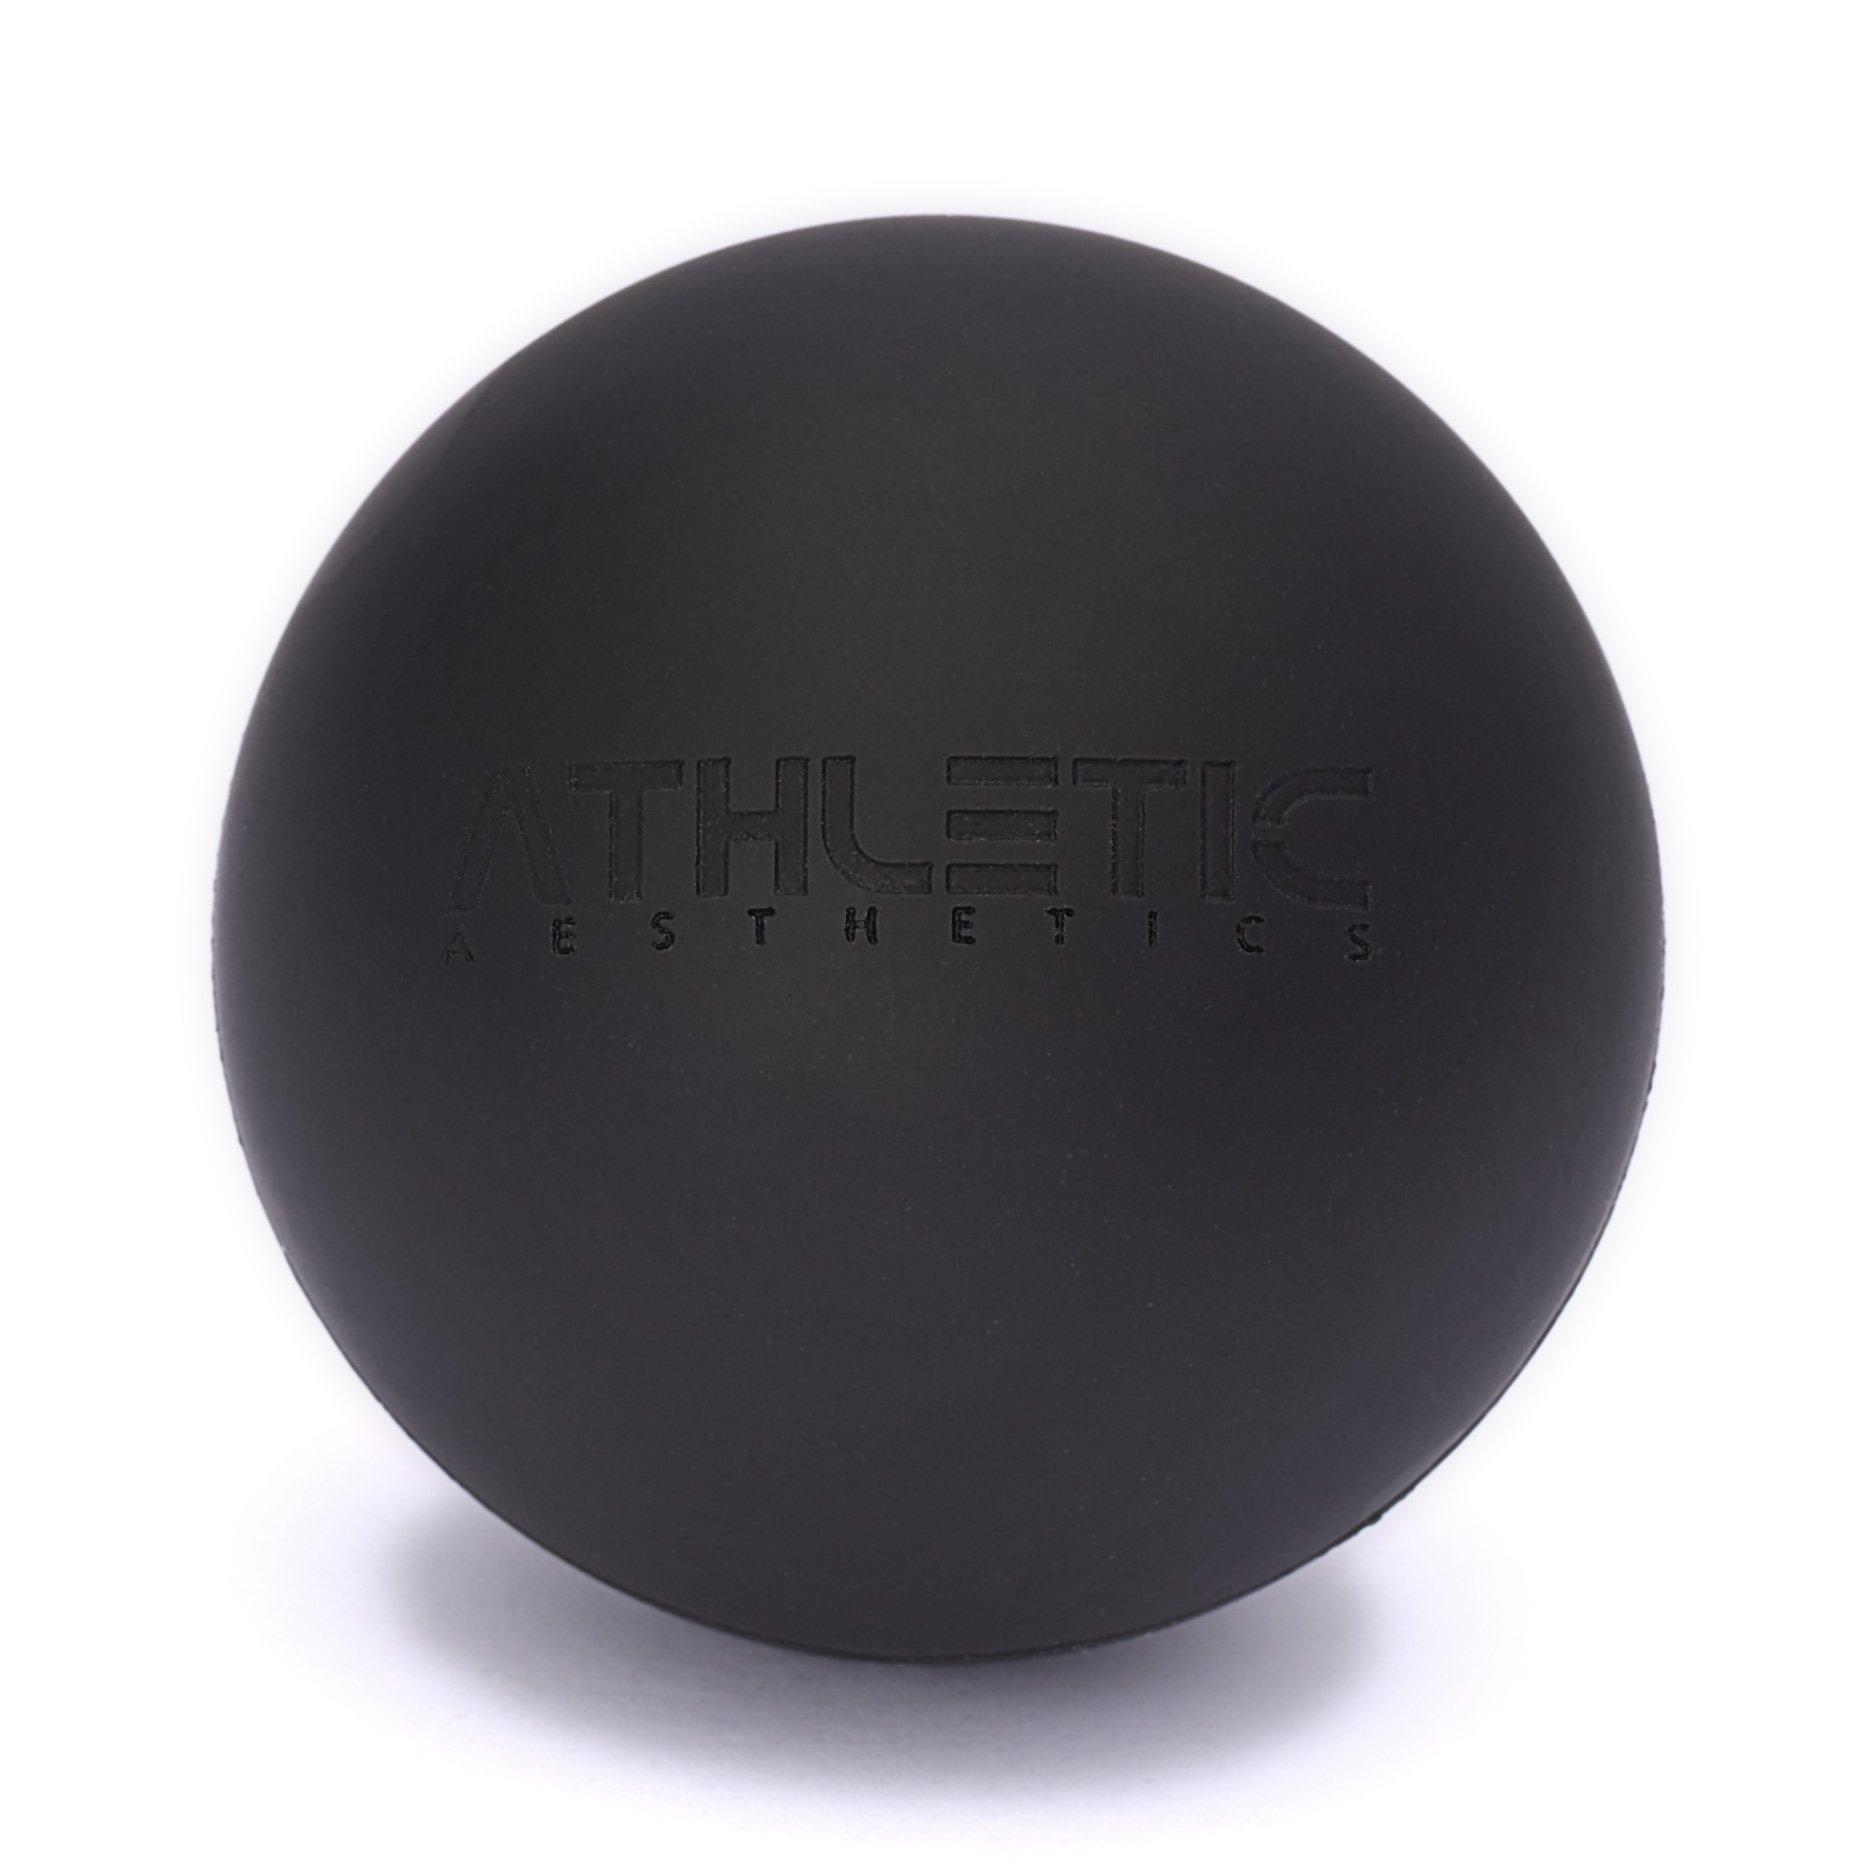 Lacrosse-Ball + Mobility Guide - Als Massage-Ball und Faszien-Ball zur Selbstmassage und zur Triggerpunkttherapie (genaue Behandlung von Verspannungen) geeignet - Anwendung in der Physiotherapie - ATHLETIC AESTHETICS product image